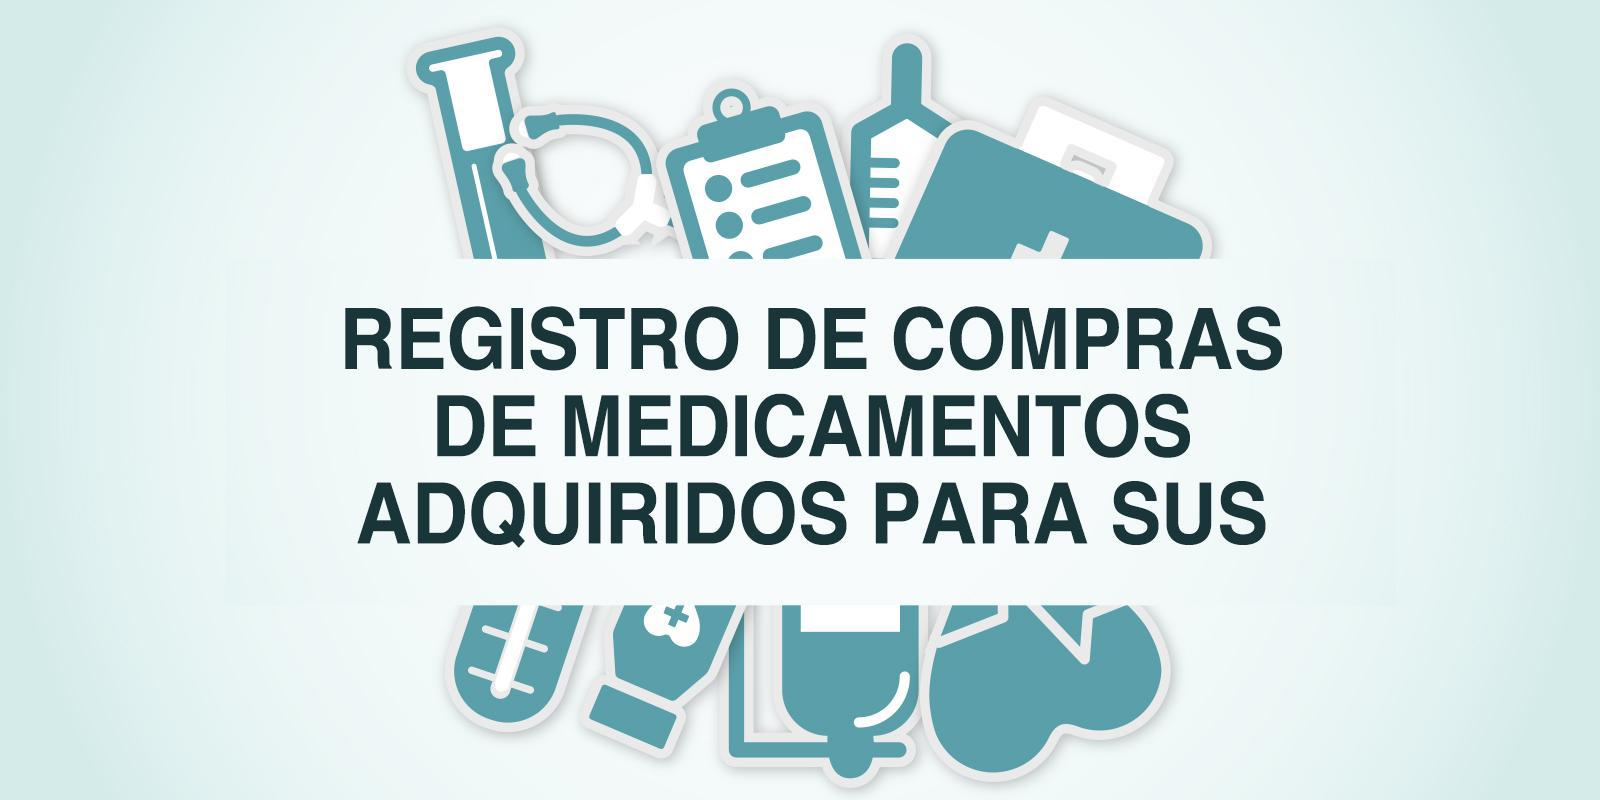 Ministério da saúde torna obrigatório registro de compras de medicamentos adquiridos para SUS